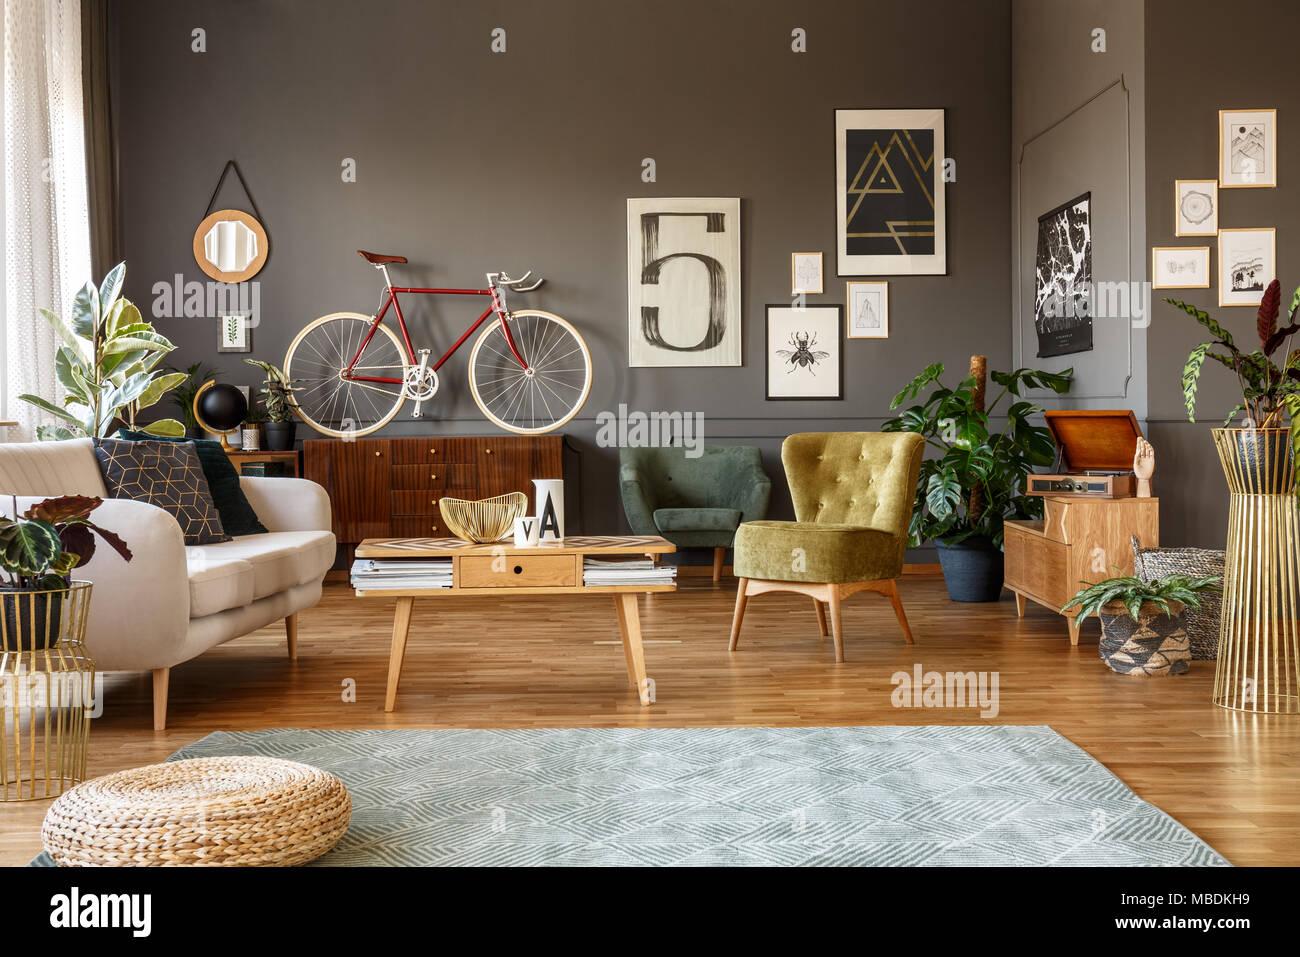 Plakate Auf Die Graue Wand, Vintage Sessel, Weiß , Holz , Tisch Und  Gemustertem Teppich In Einer Kreativen Wohnzimmer Innenraum